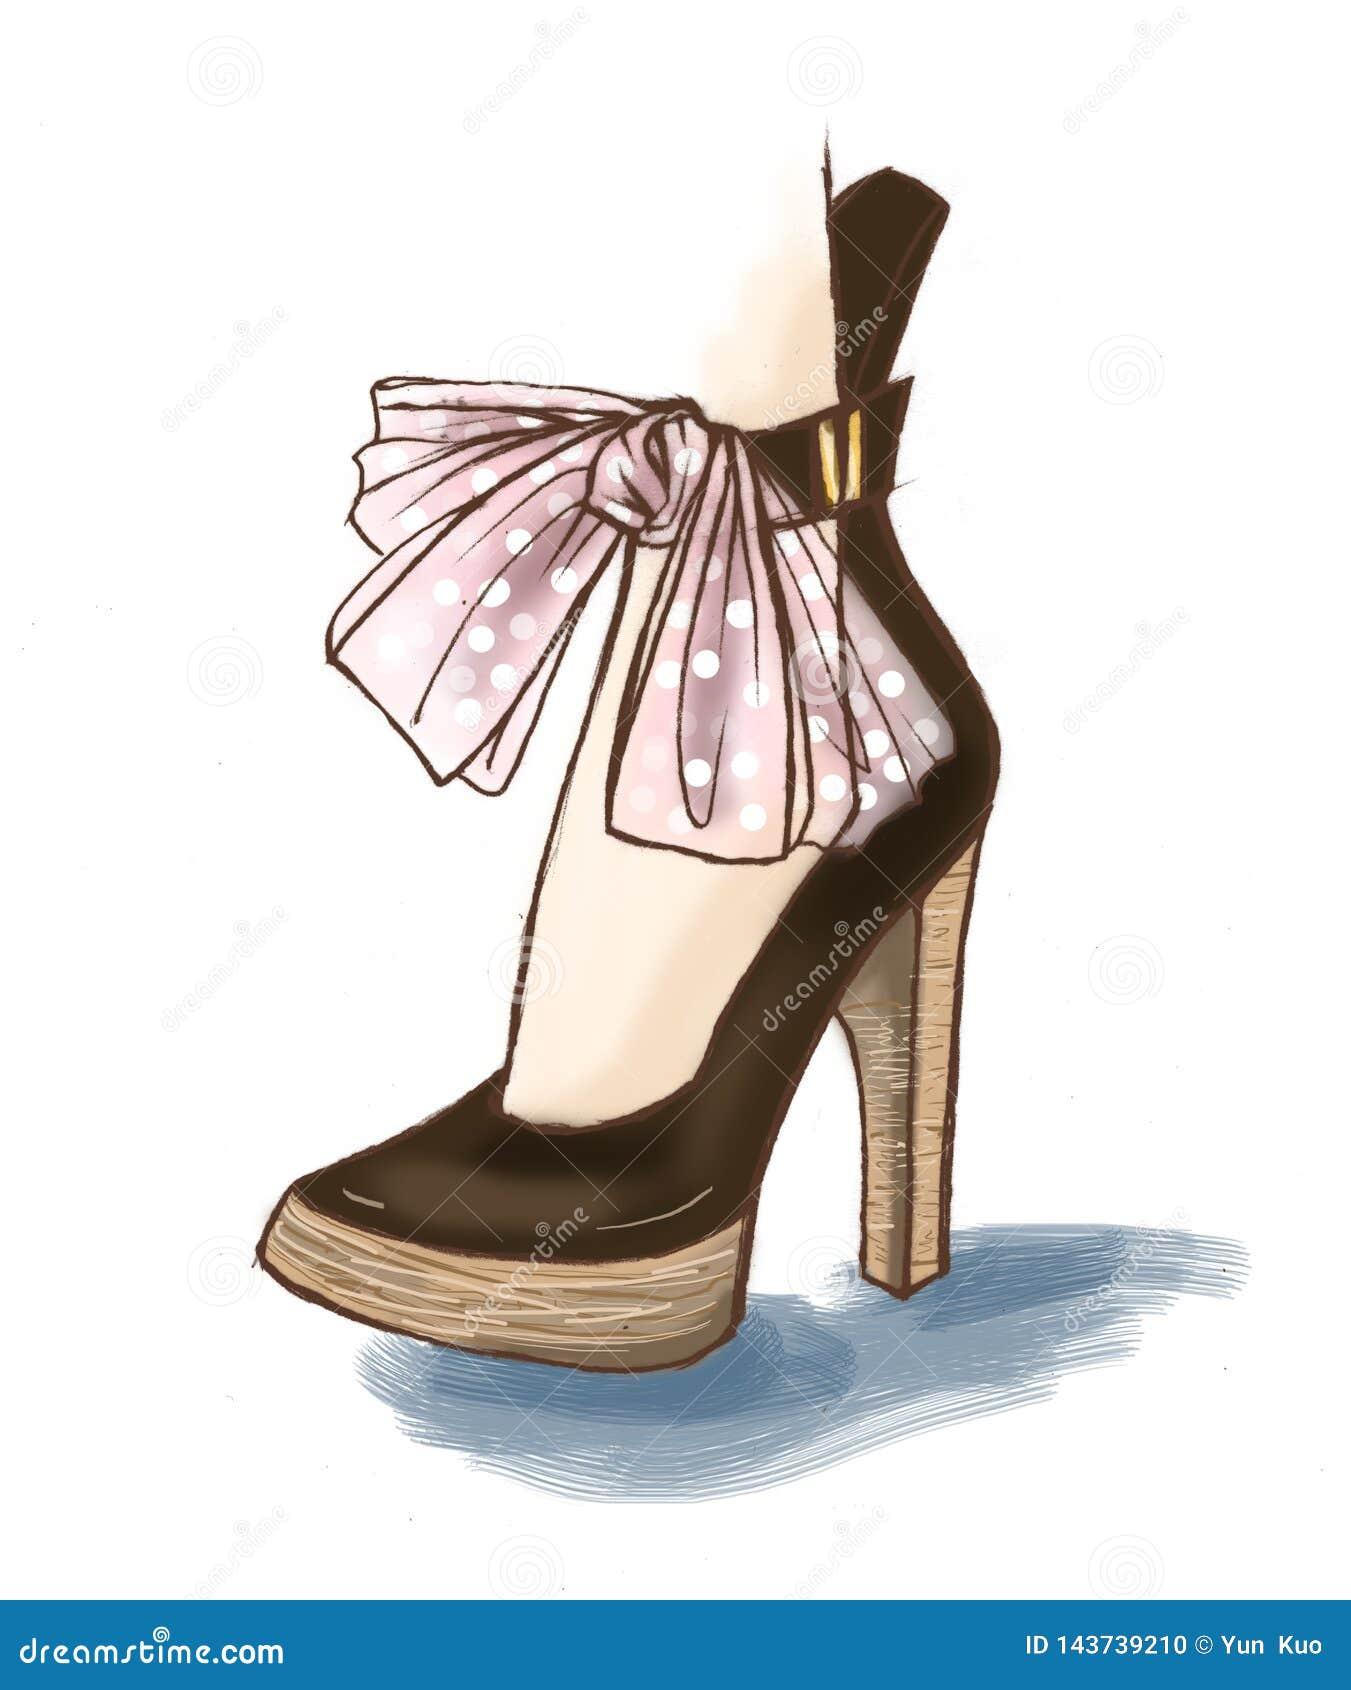 Stylish Fashion Shoes Design